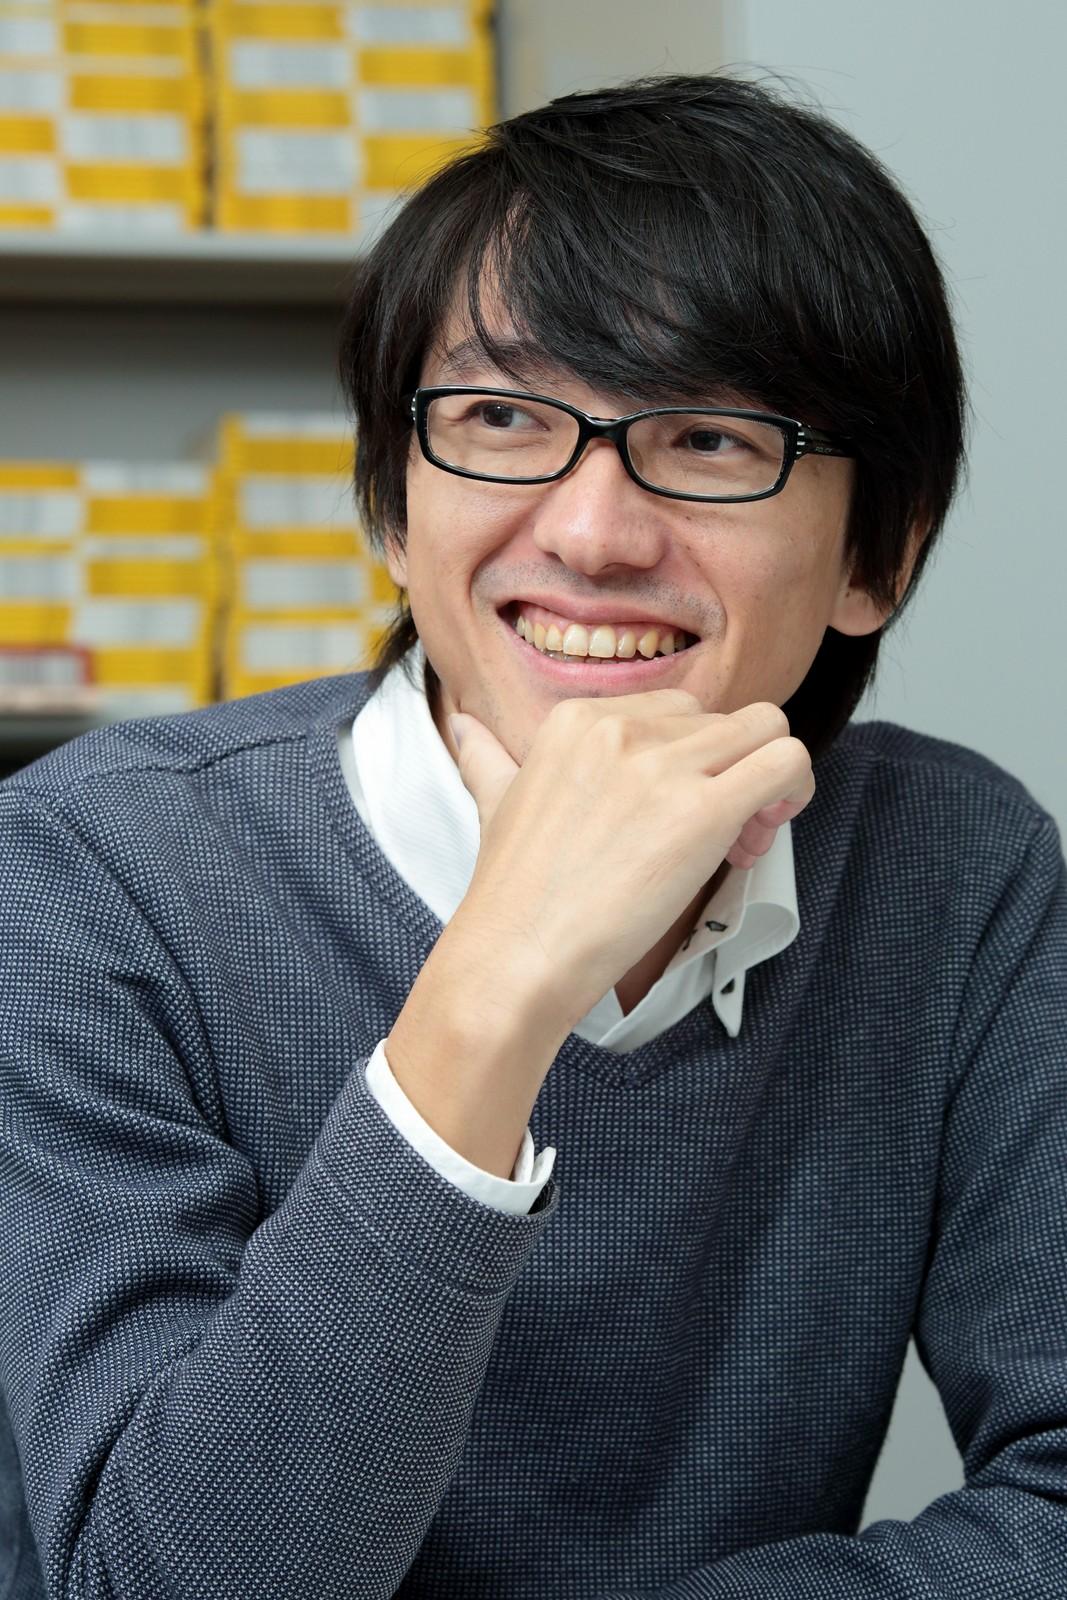 masaki_nakamura.JPG